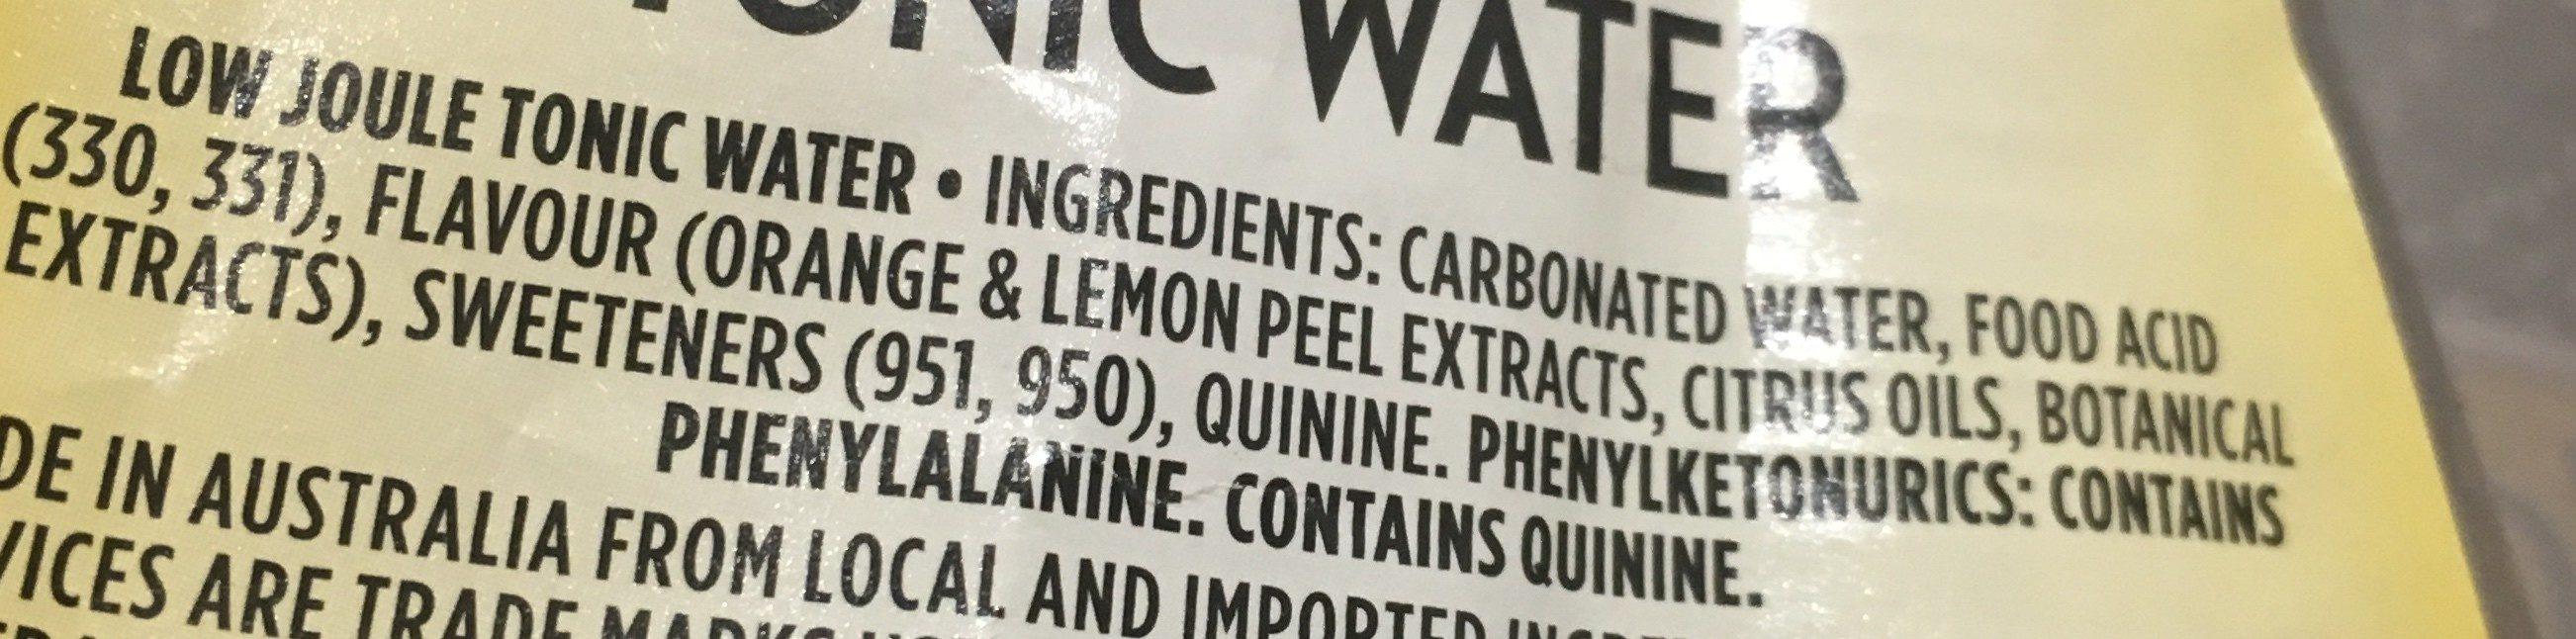 Diet indian tonic water - Ingrediënten